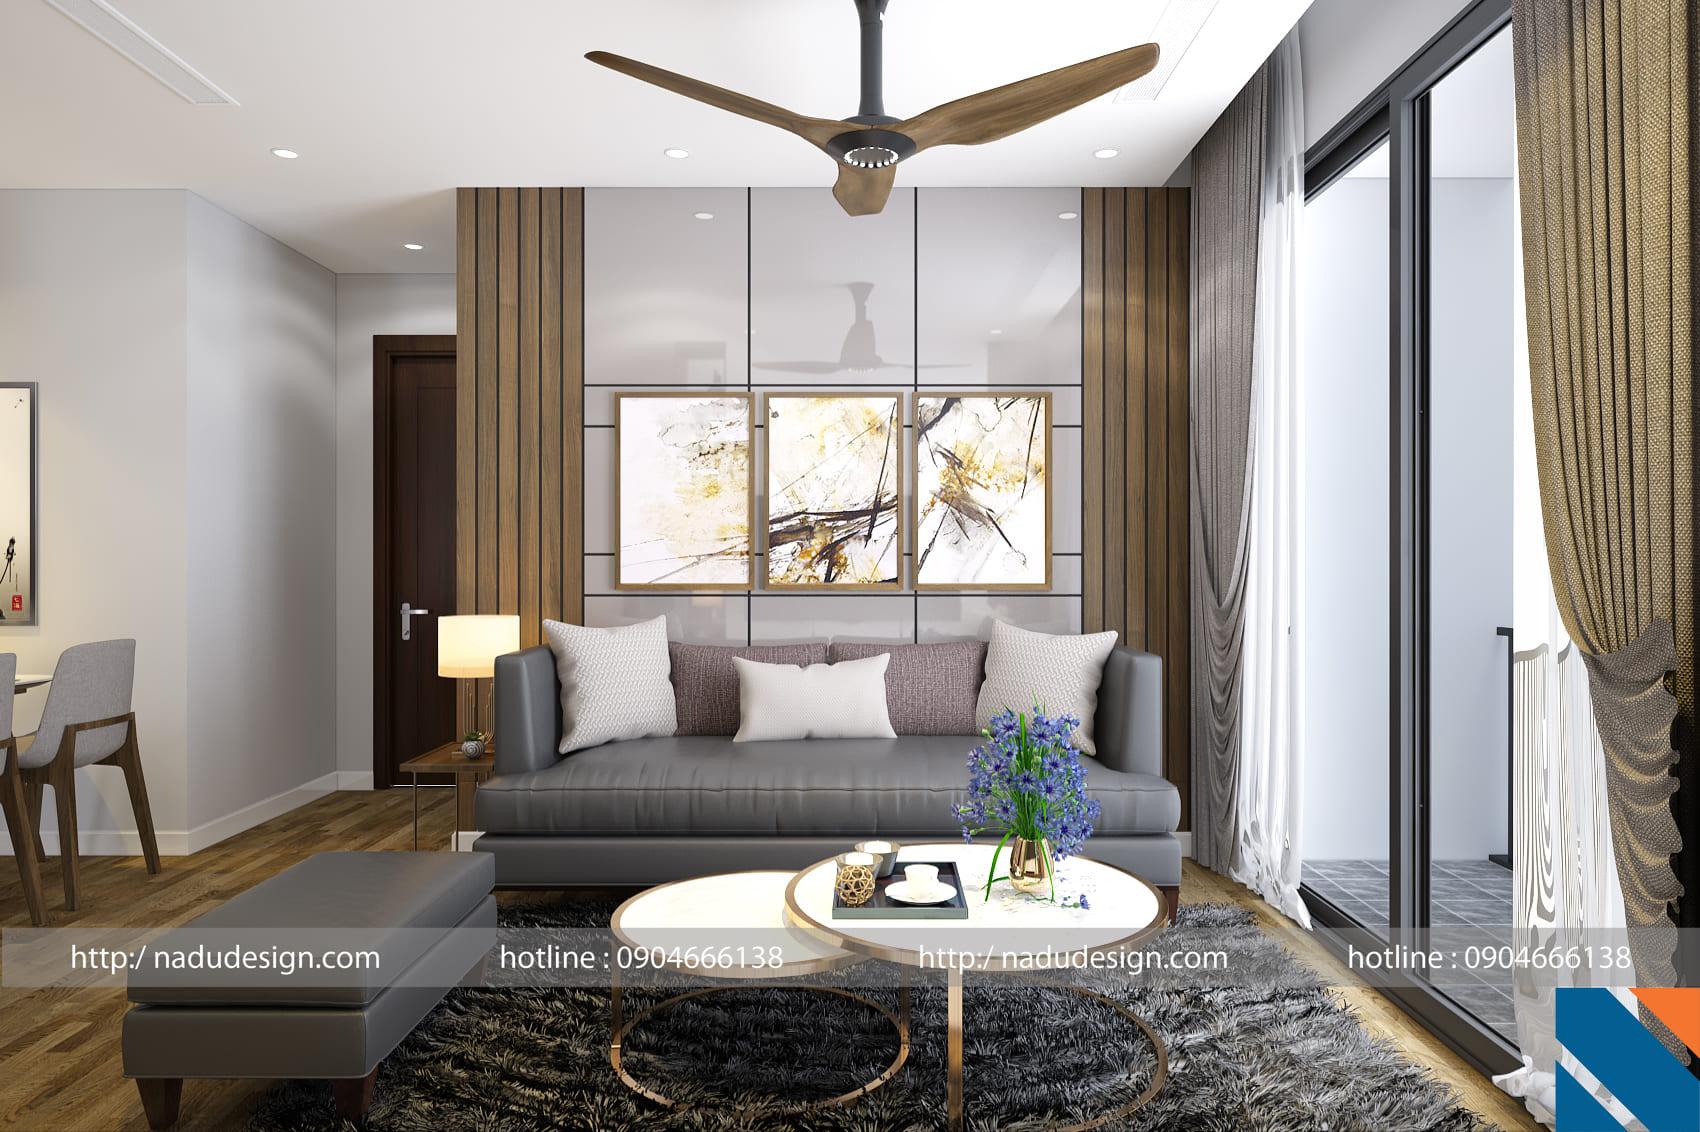 Mẫu thiết kế nội thất chung cư 3 phòng ngủ NADU Design